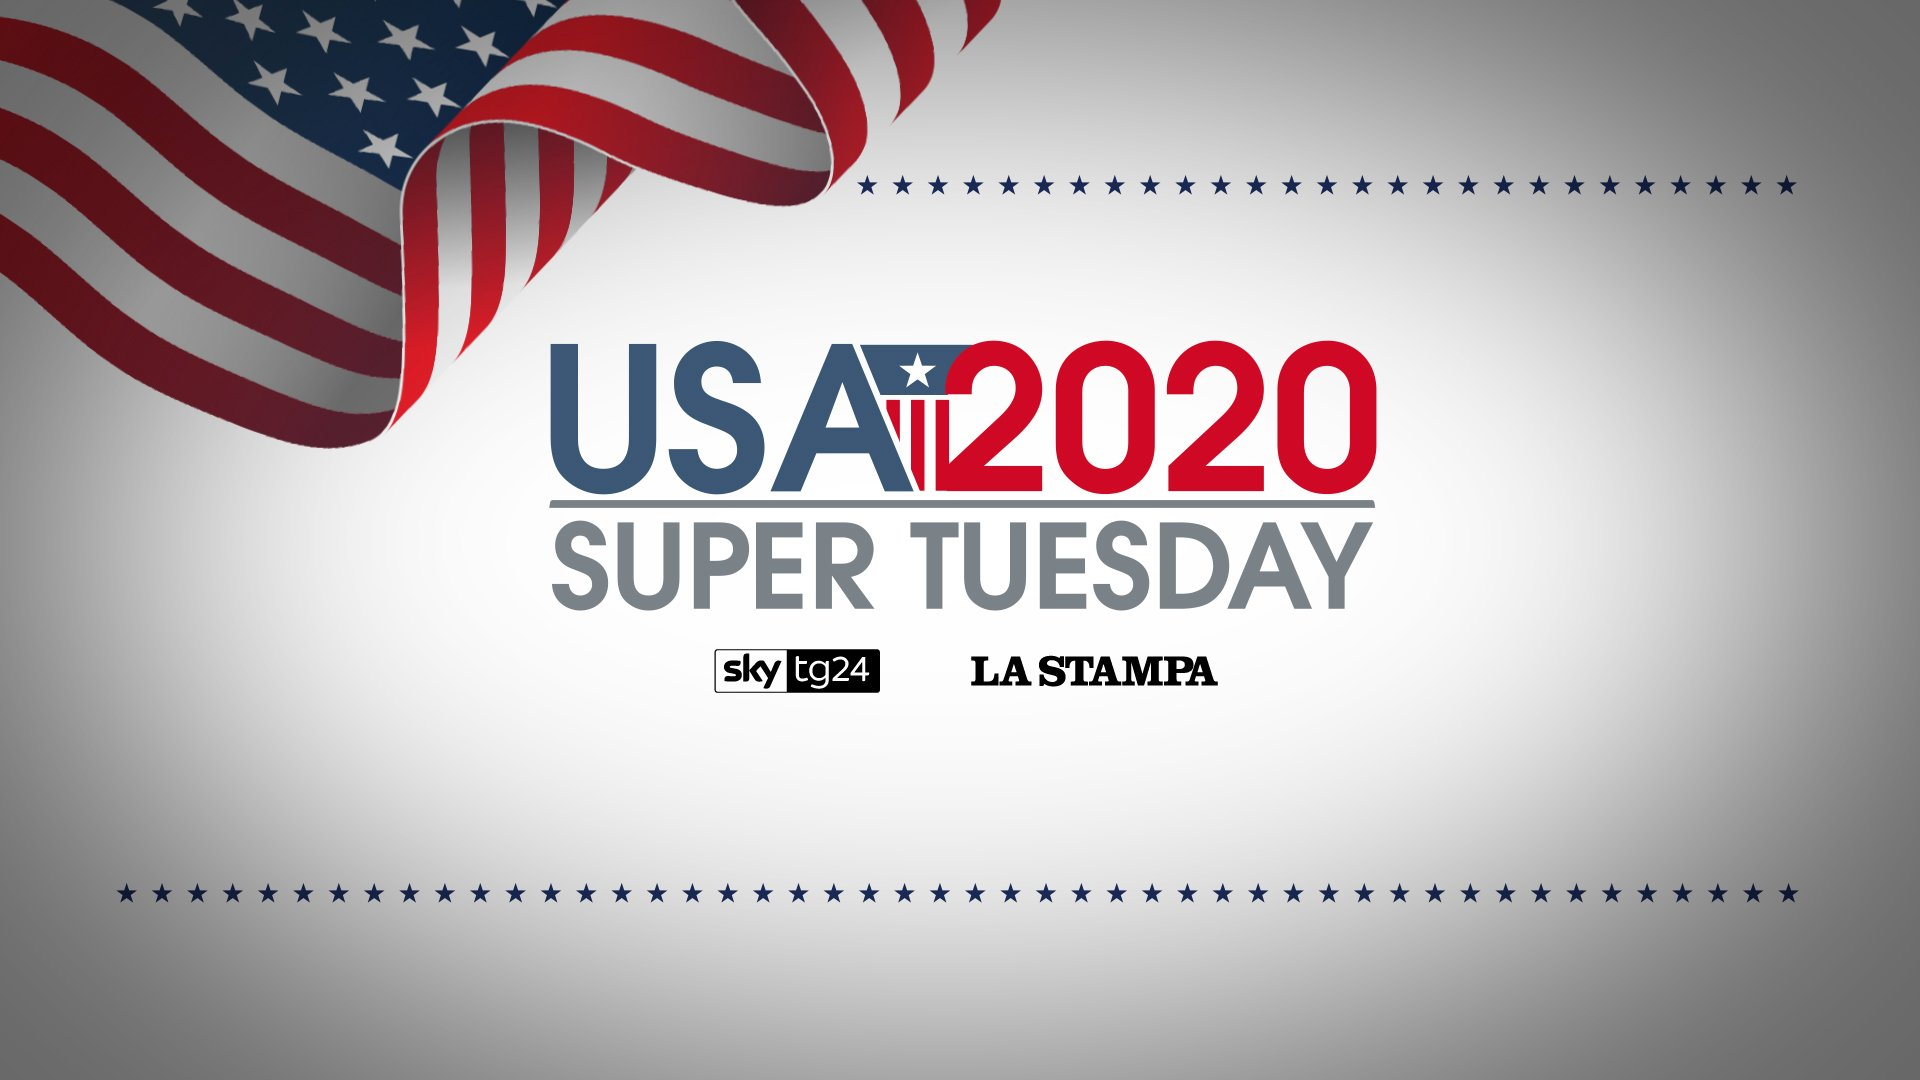 Sky TG24 e La Stampa per raccontare il Super Tuesday USA 2020